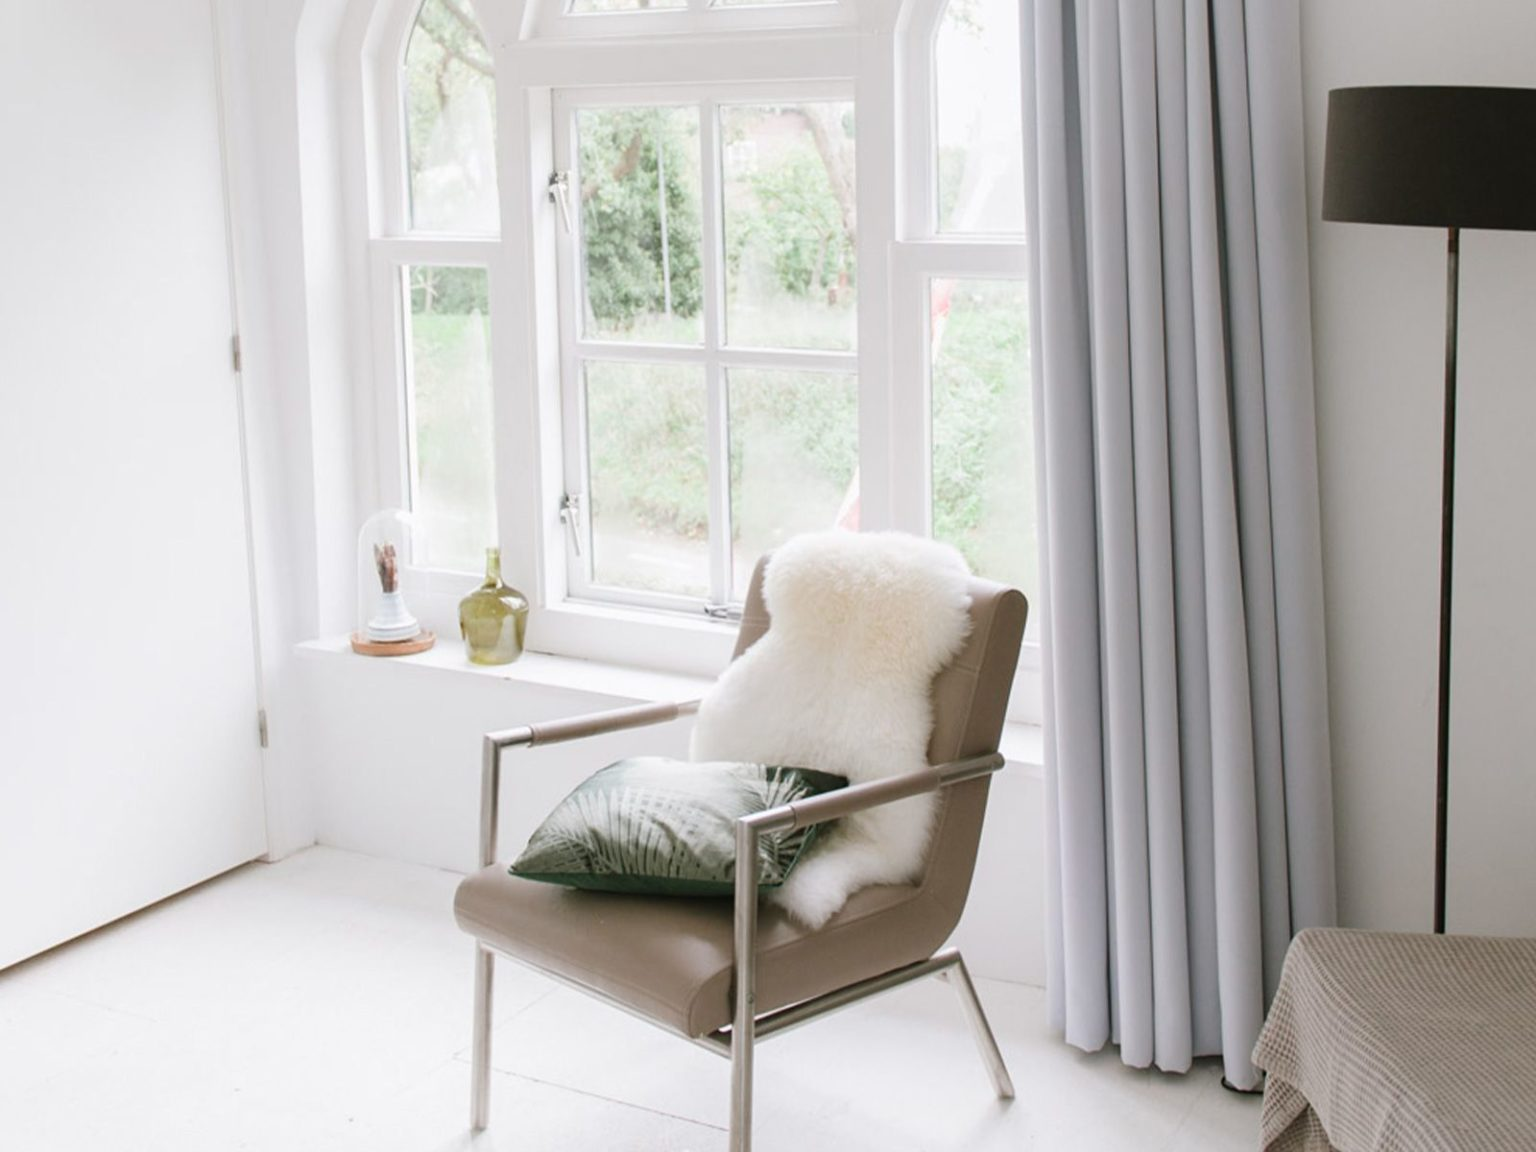 bijgroengeluk-beelden-accommodatie-accommodation-kaasstudio-studio-studio-01-kaasstudio-3